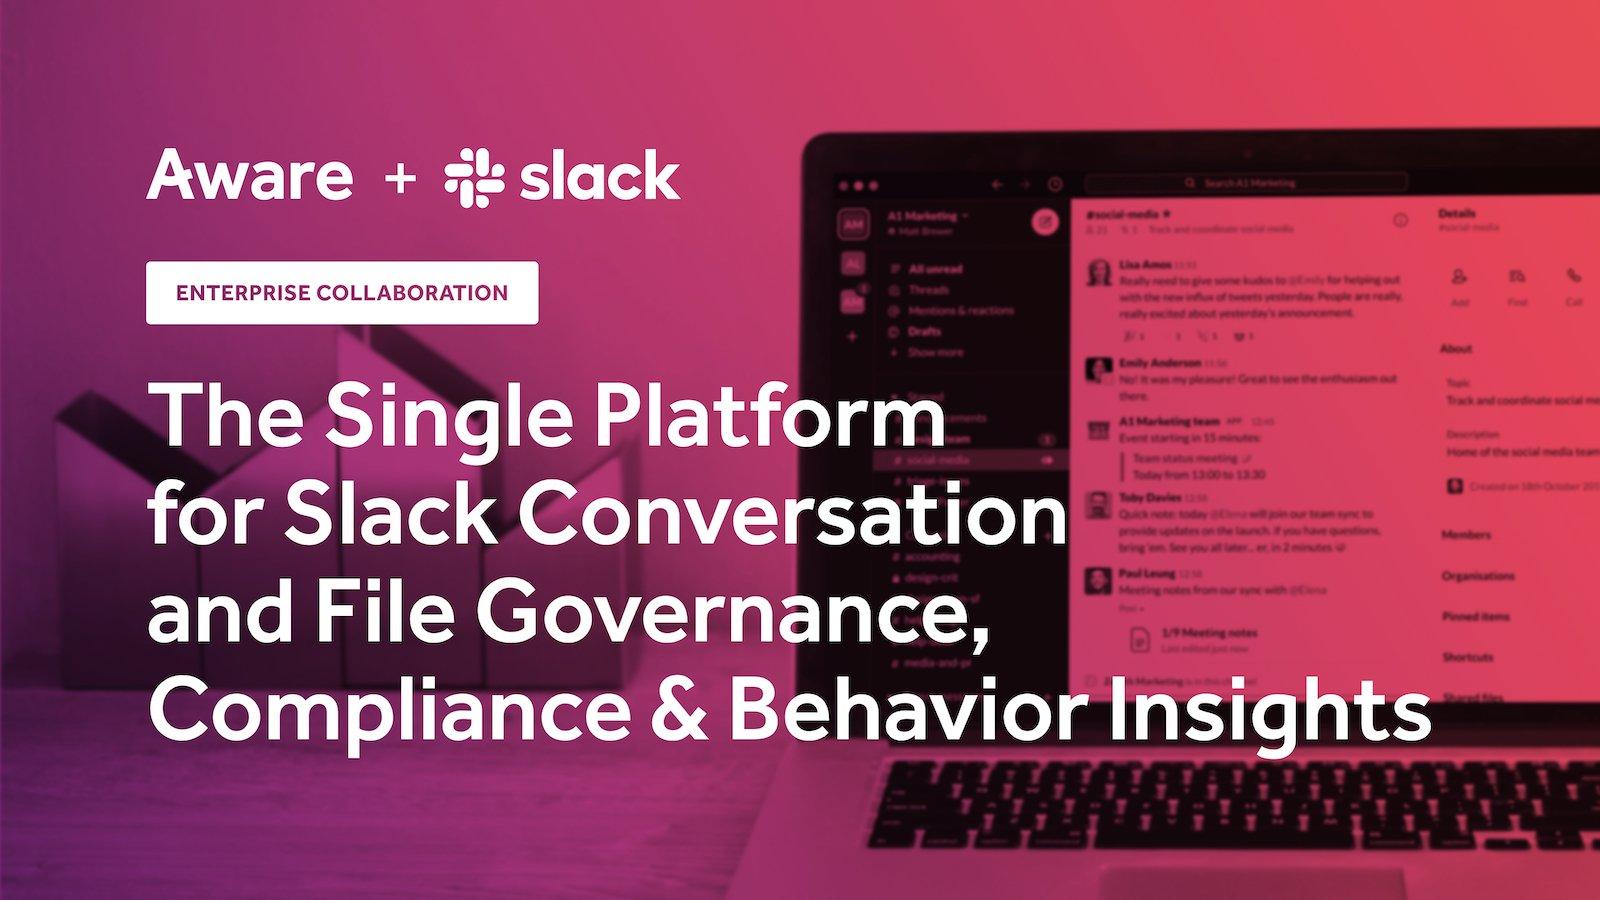 Aware for Slack: The Single Platform for Slack Conversation and File Governance, Compliance & Behavior Insights